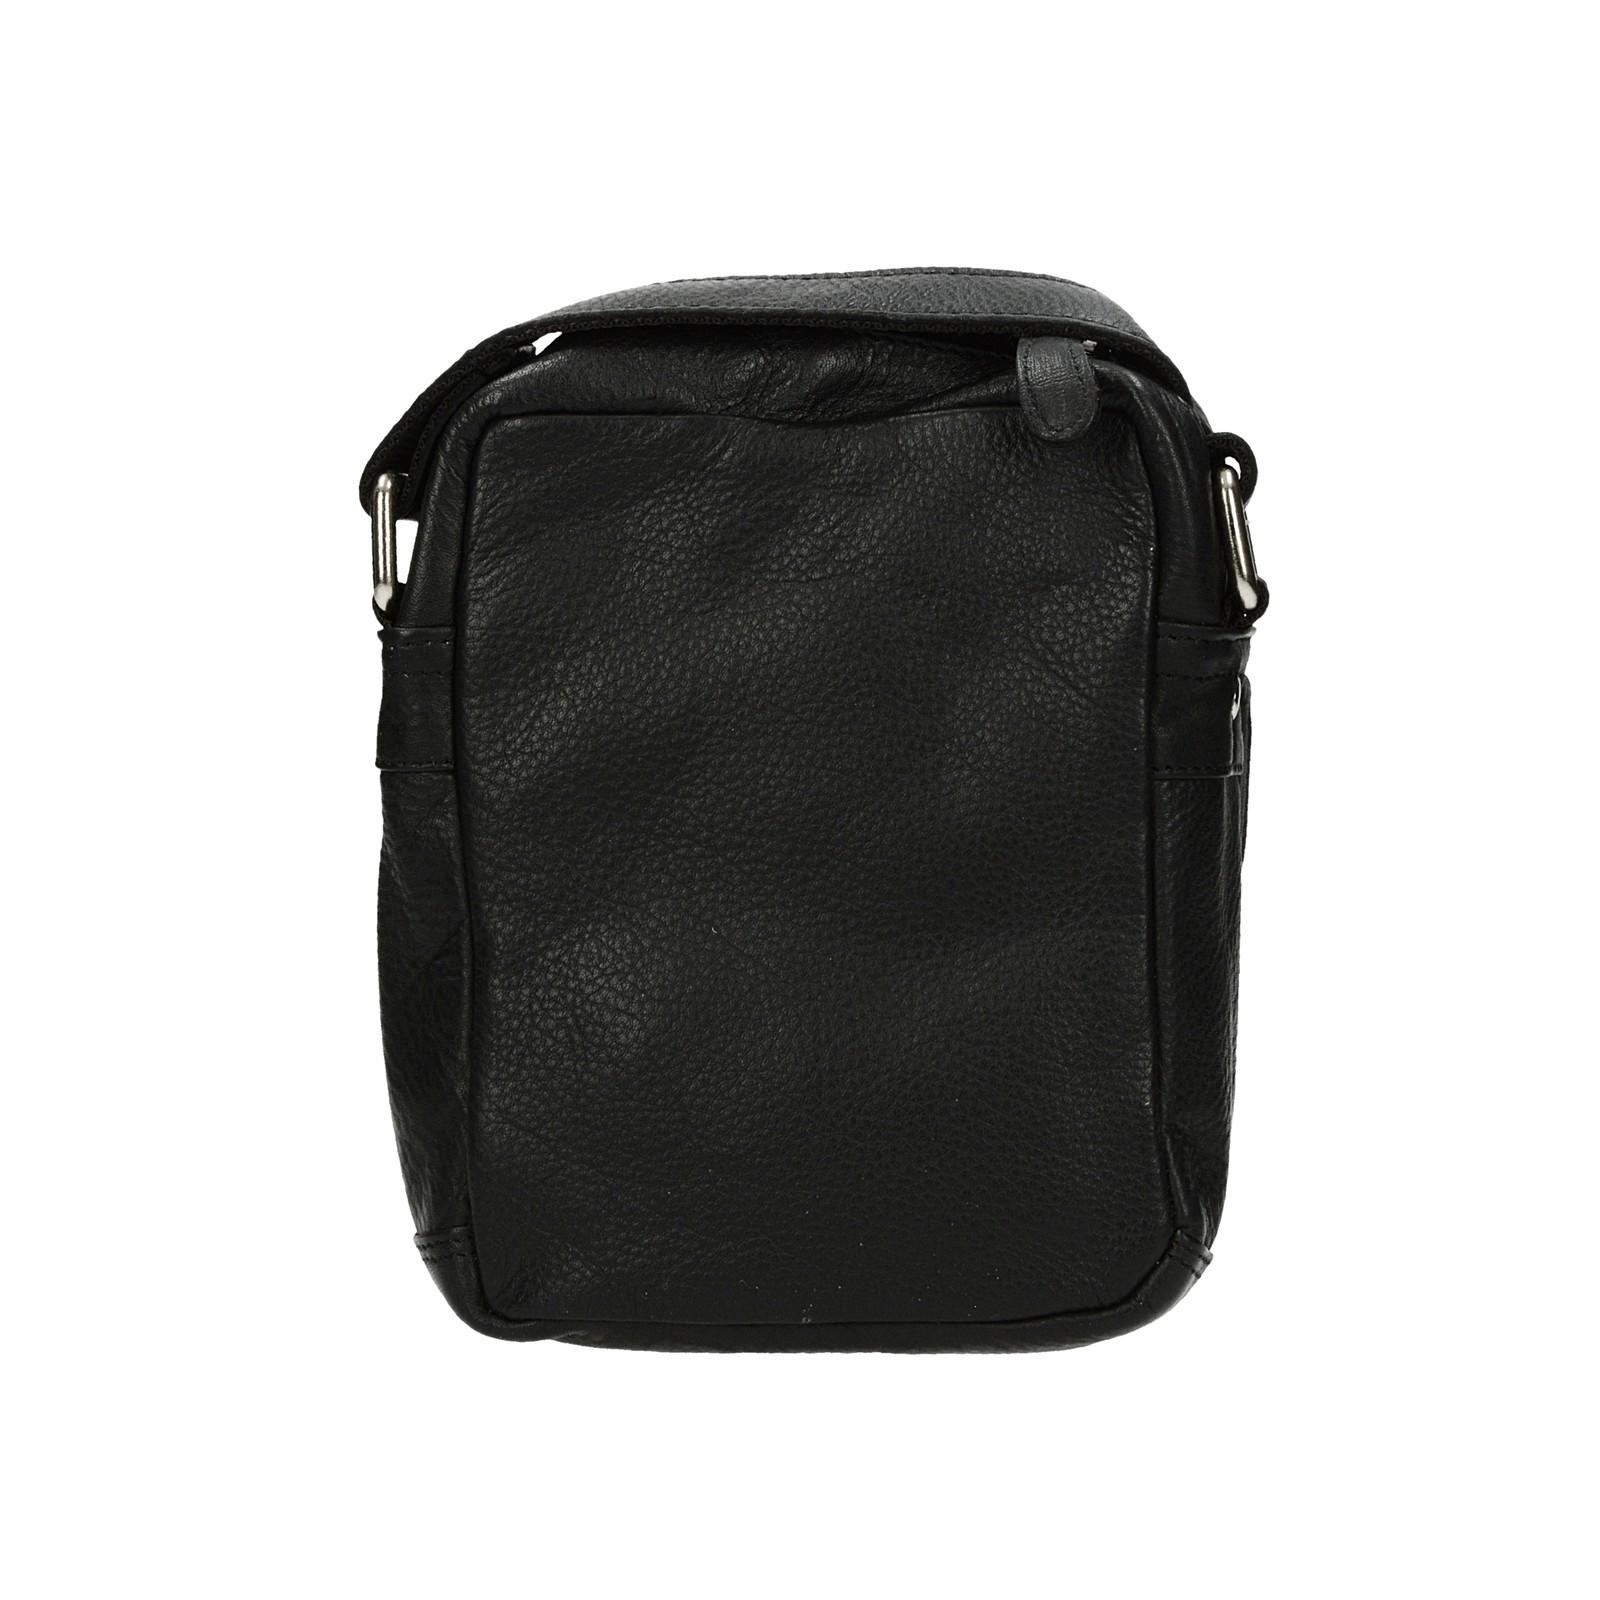 Mercucio pánska kožená crossbody taška - čierna